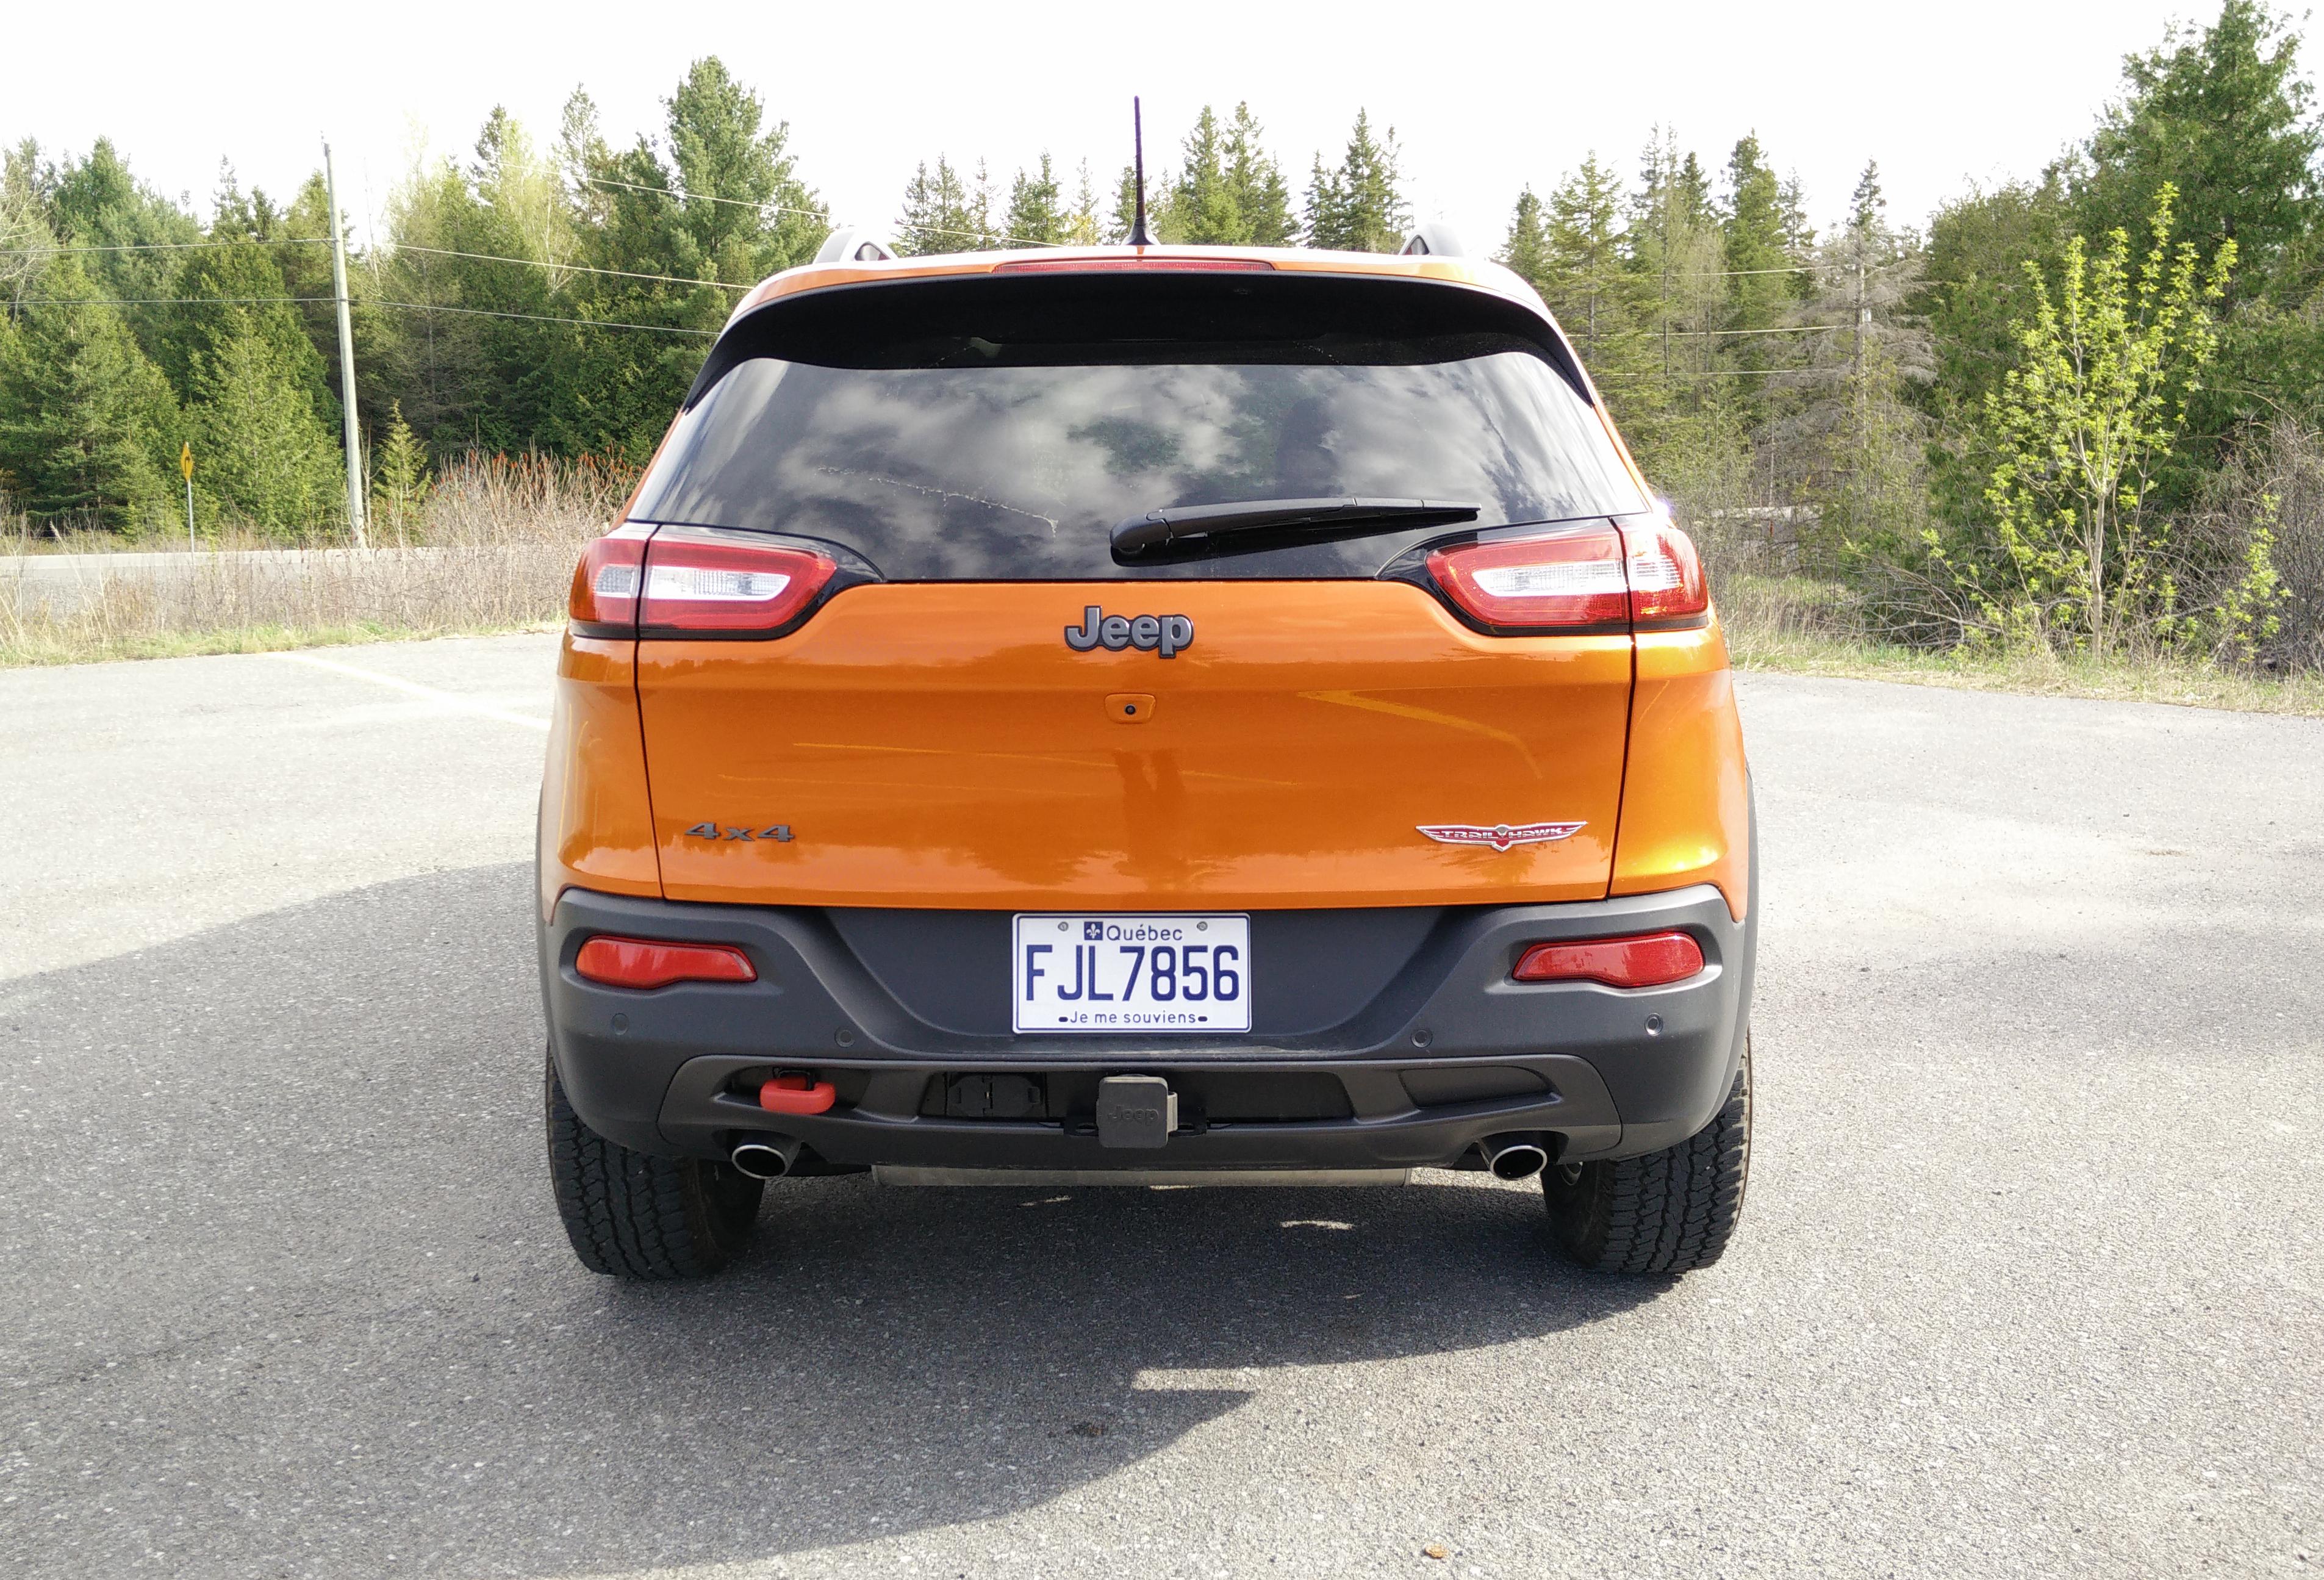 cherokee standard prix trailhawk columnarticles d jeep essais messages vehicules grand au un fr